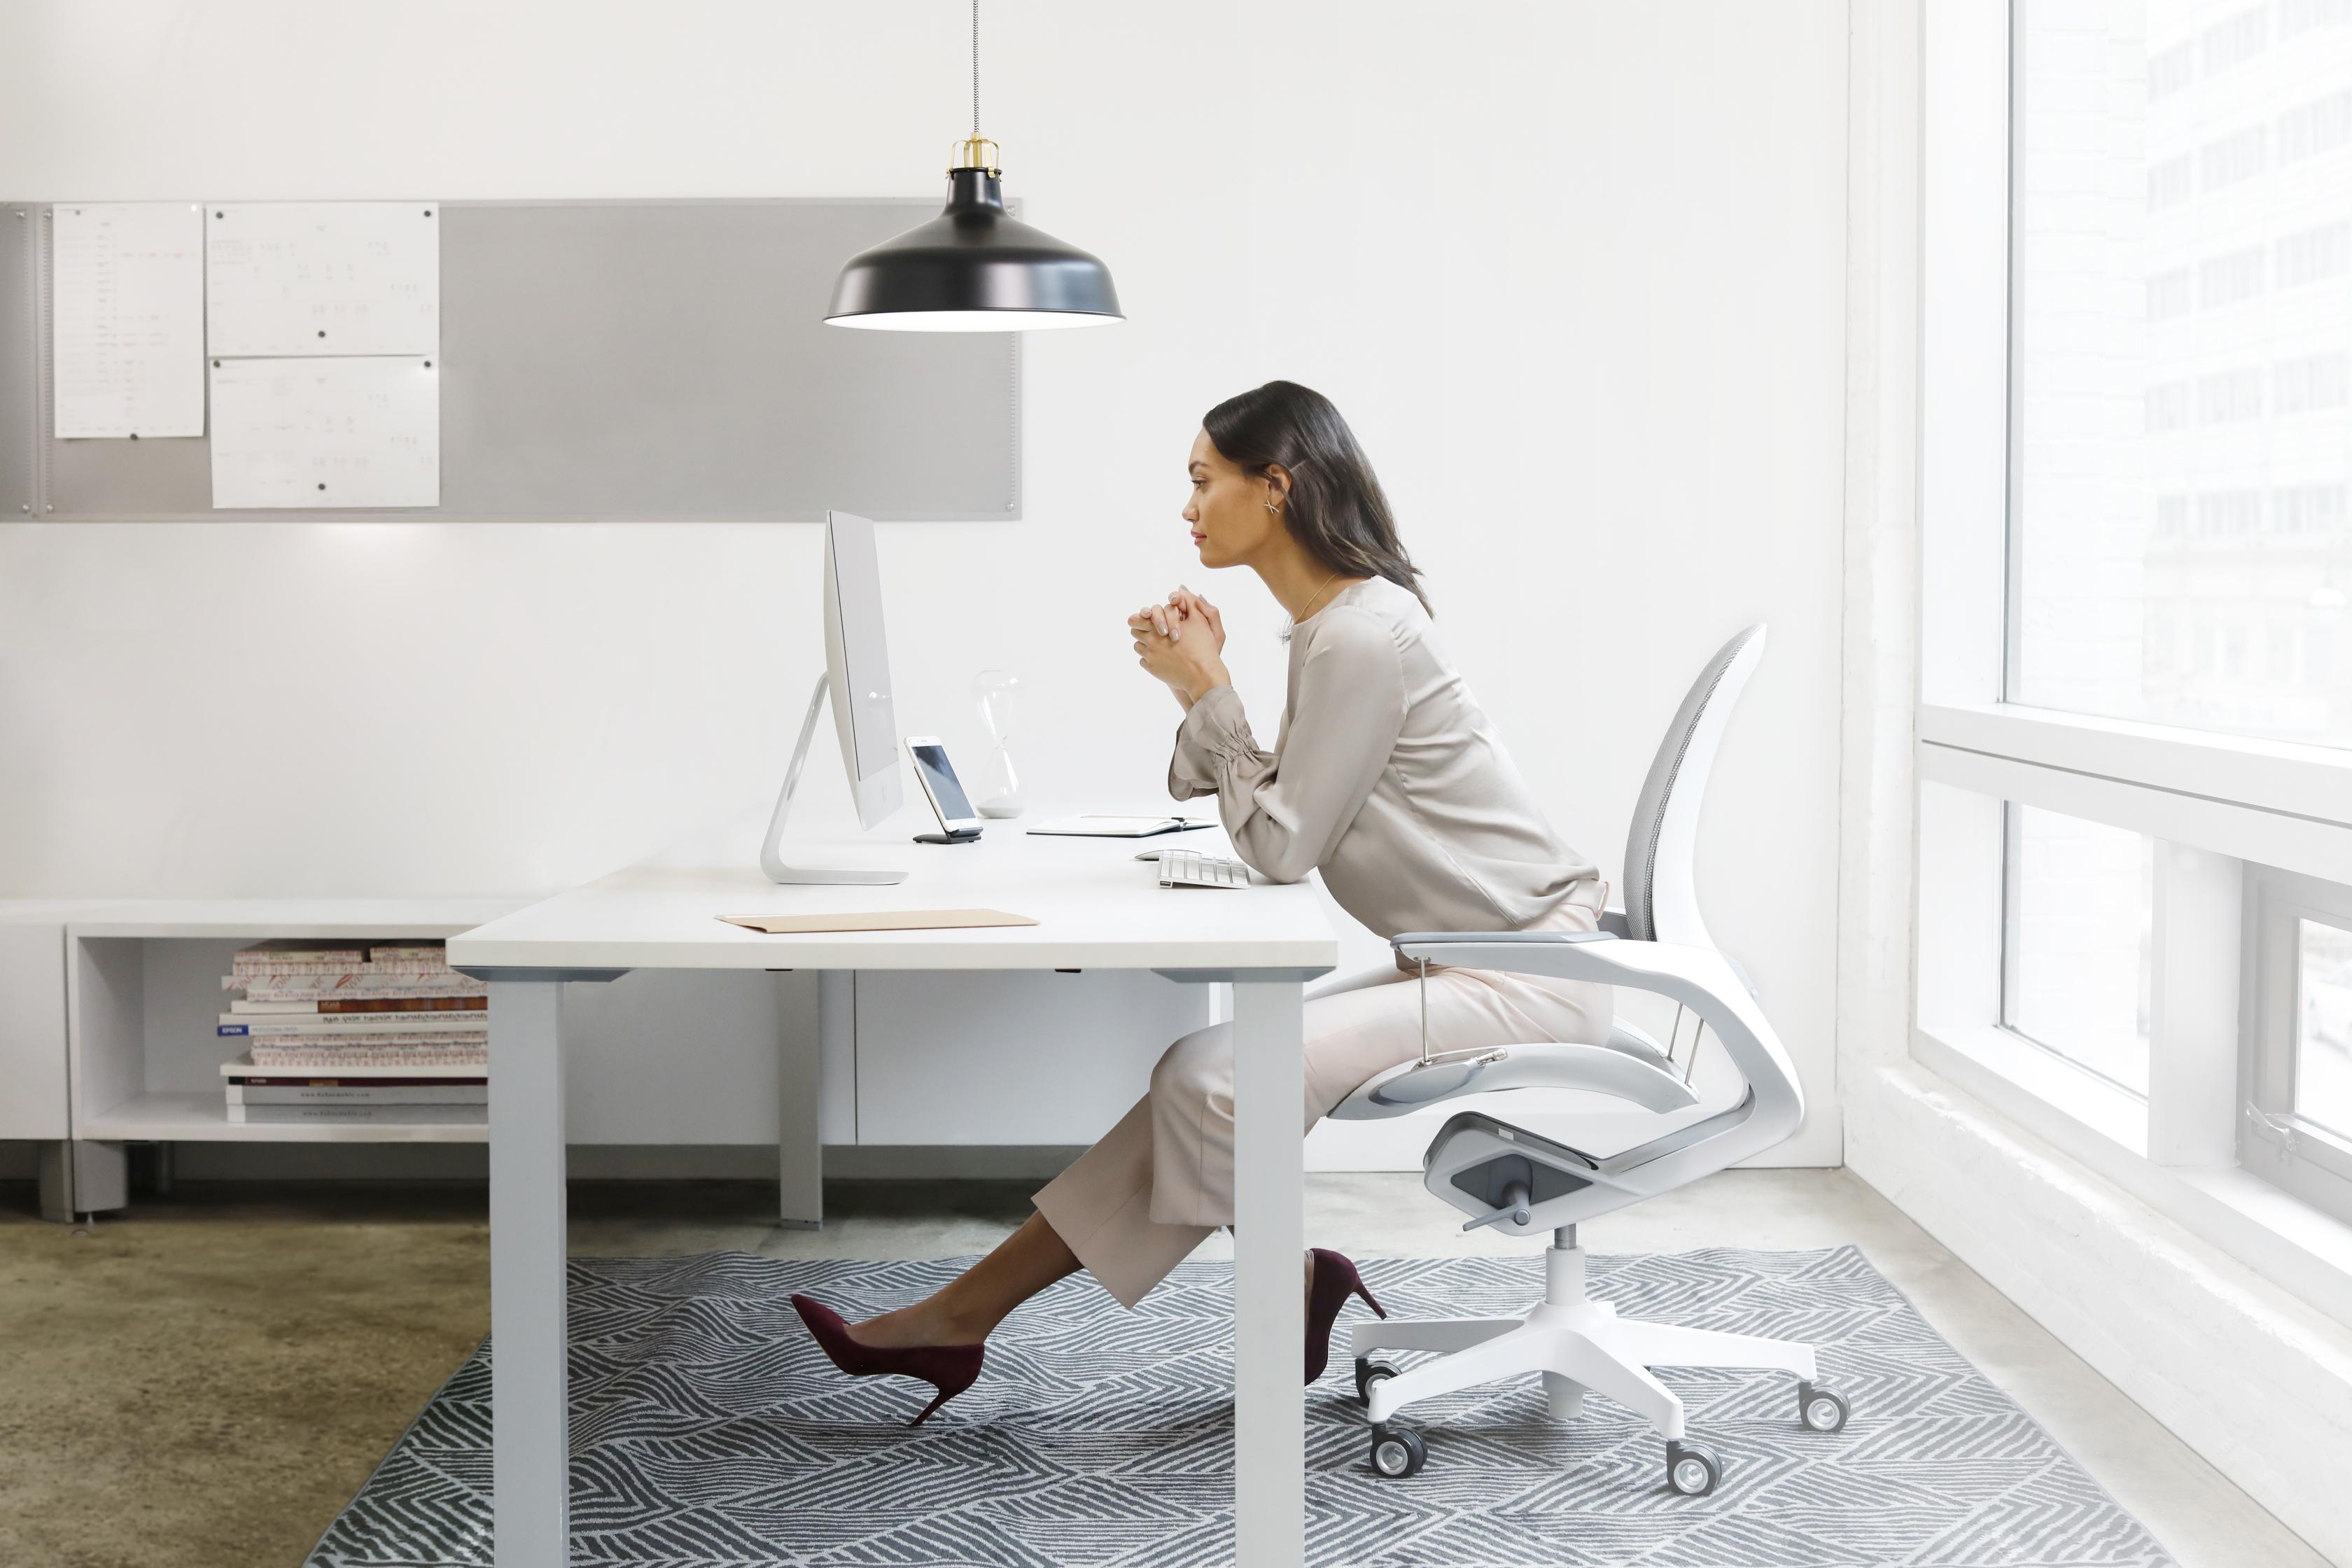 Rule29-Elea-Woman-Sitting